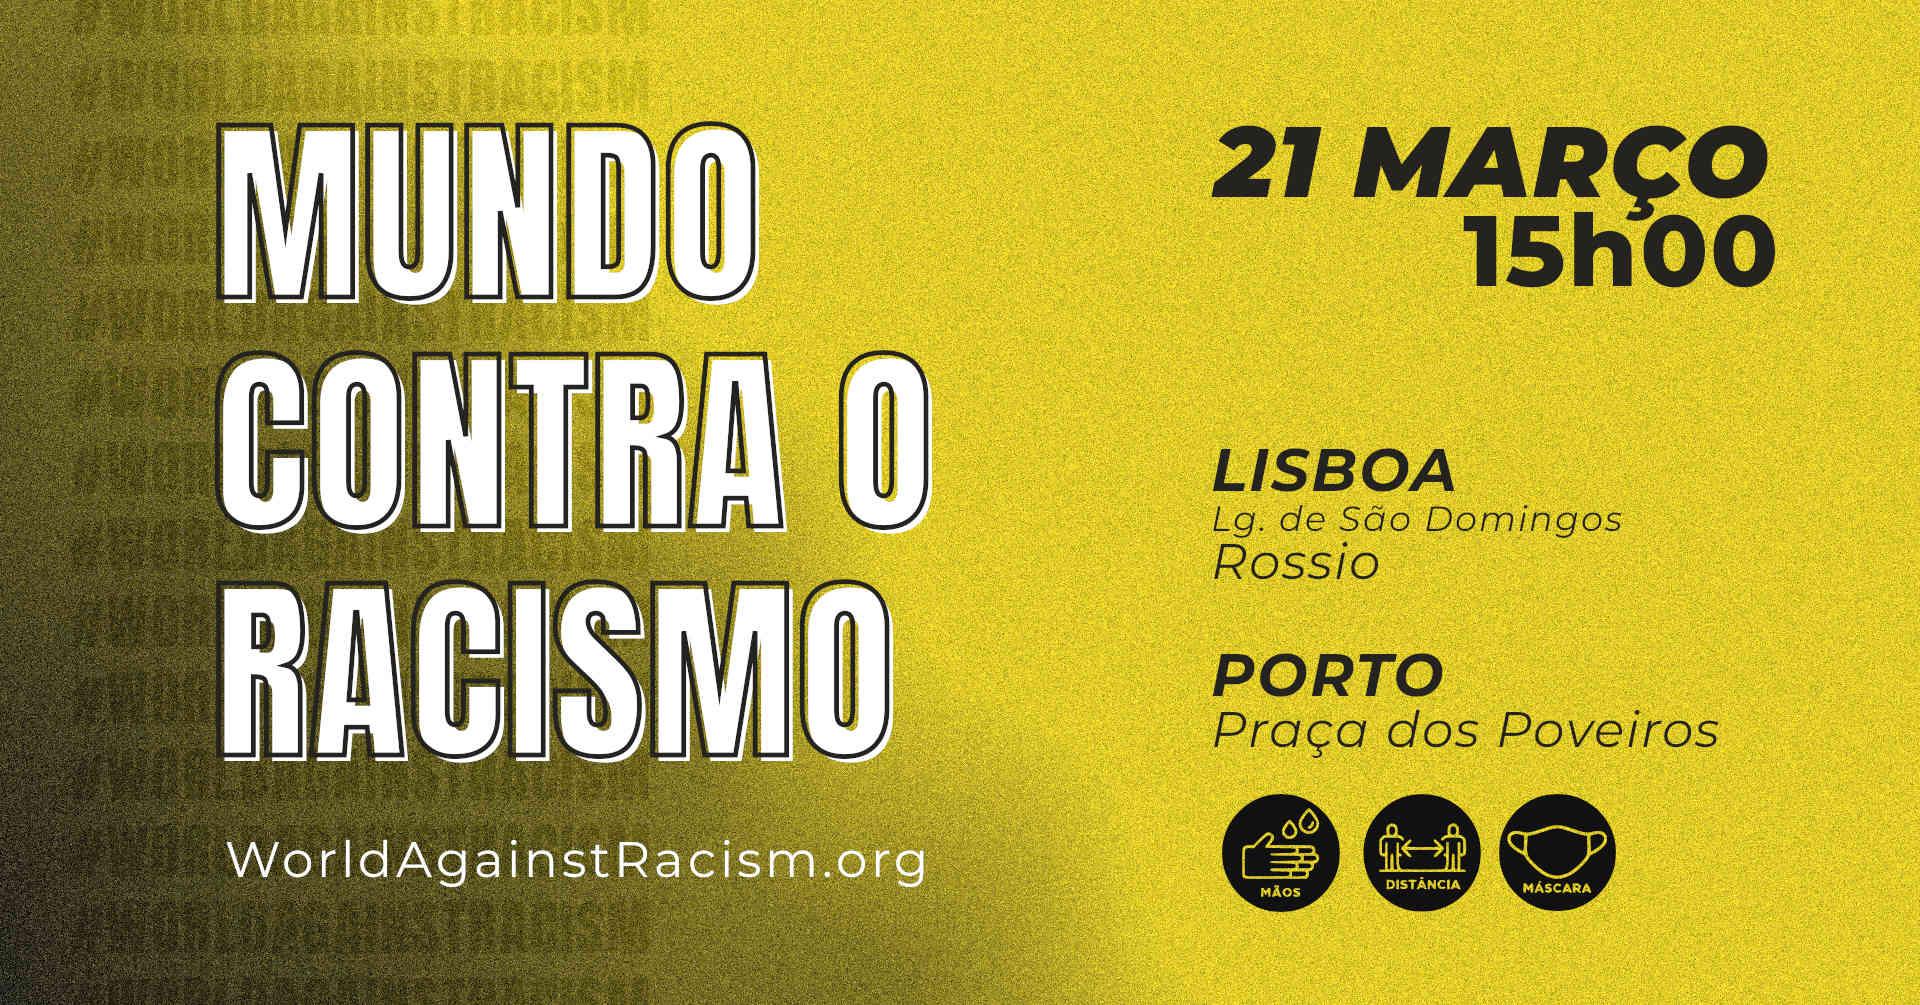 image from Mundo Contra o Racismo